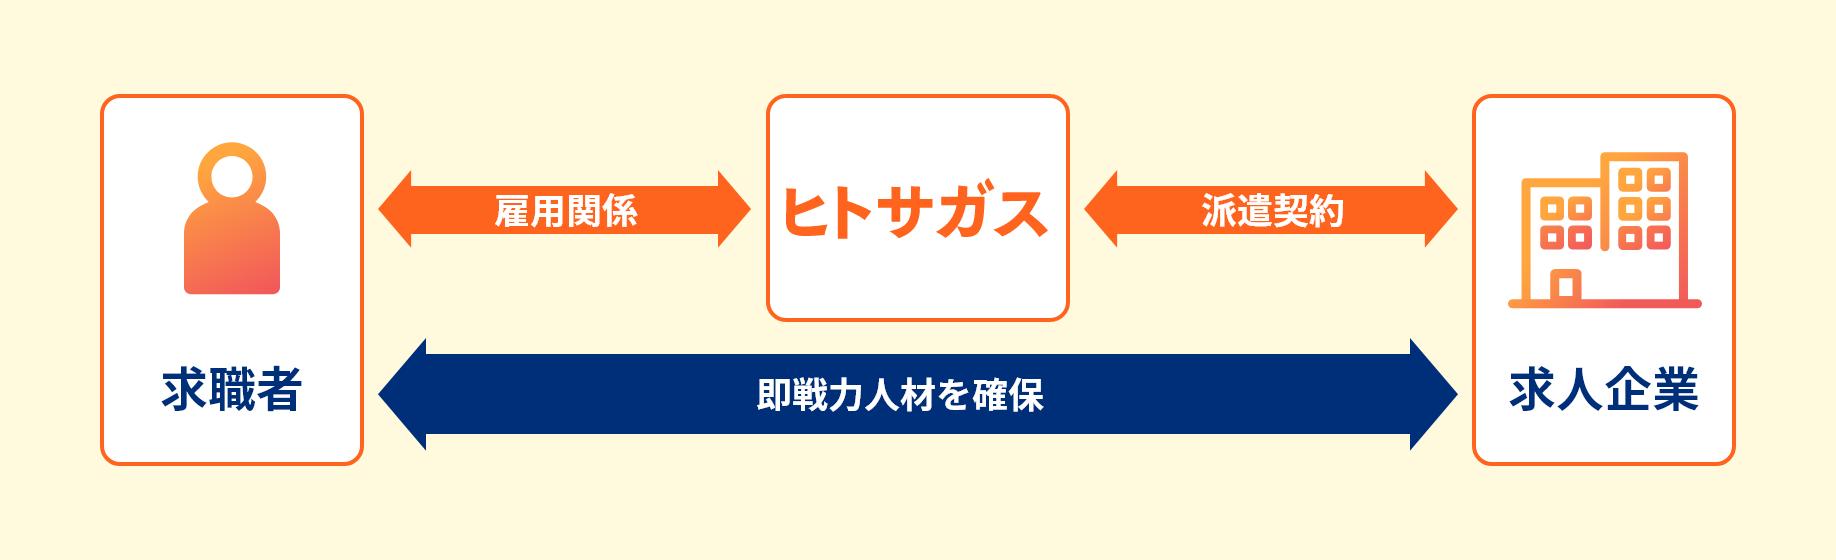 人材派遣イメージ図